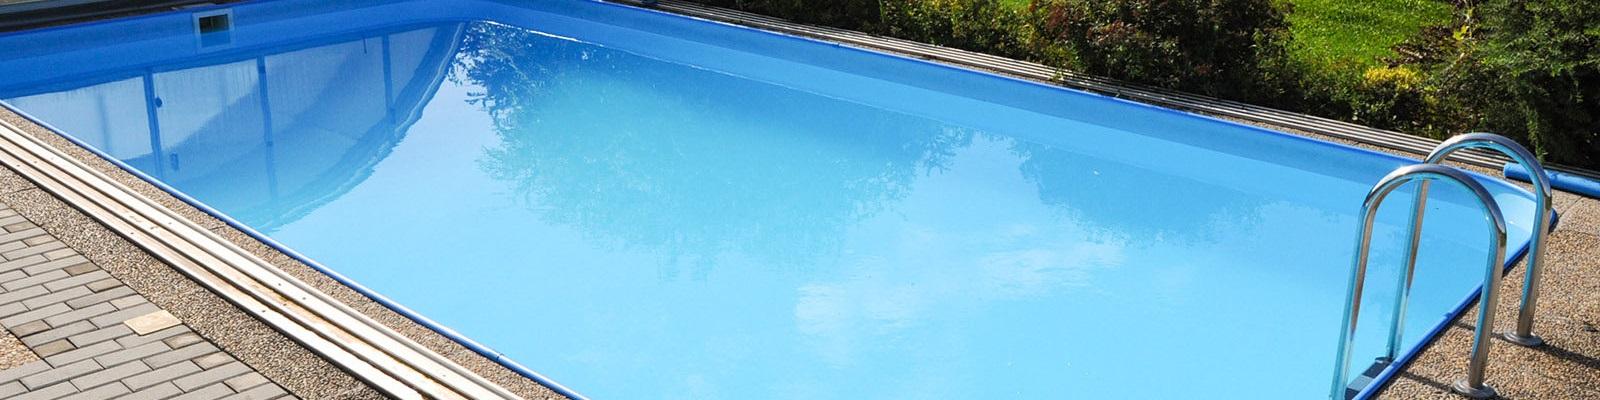 Čistý bazén díky NANO ochraně